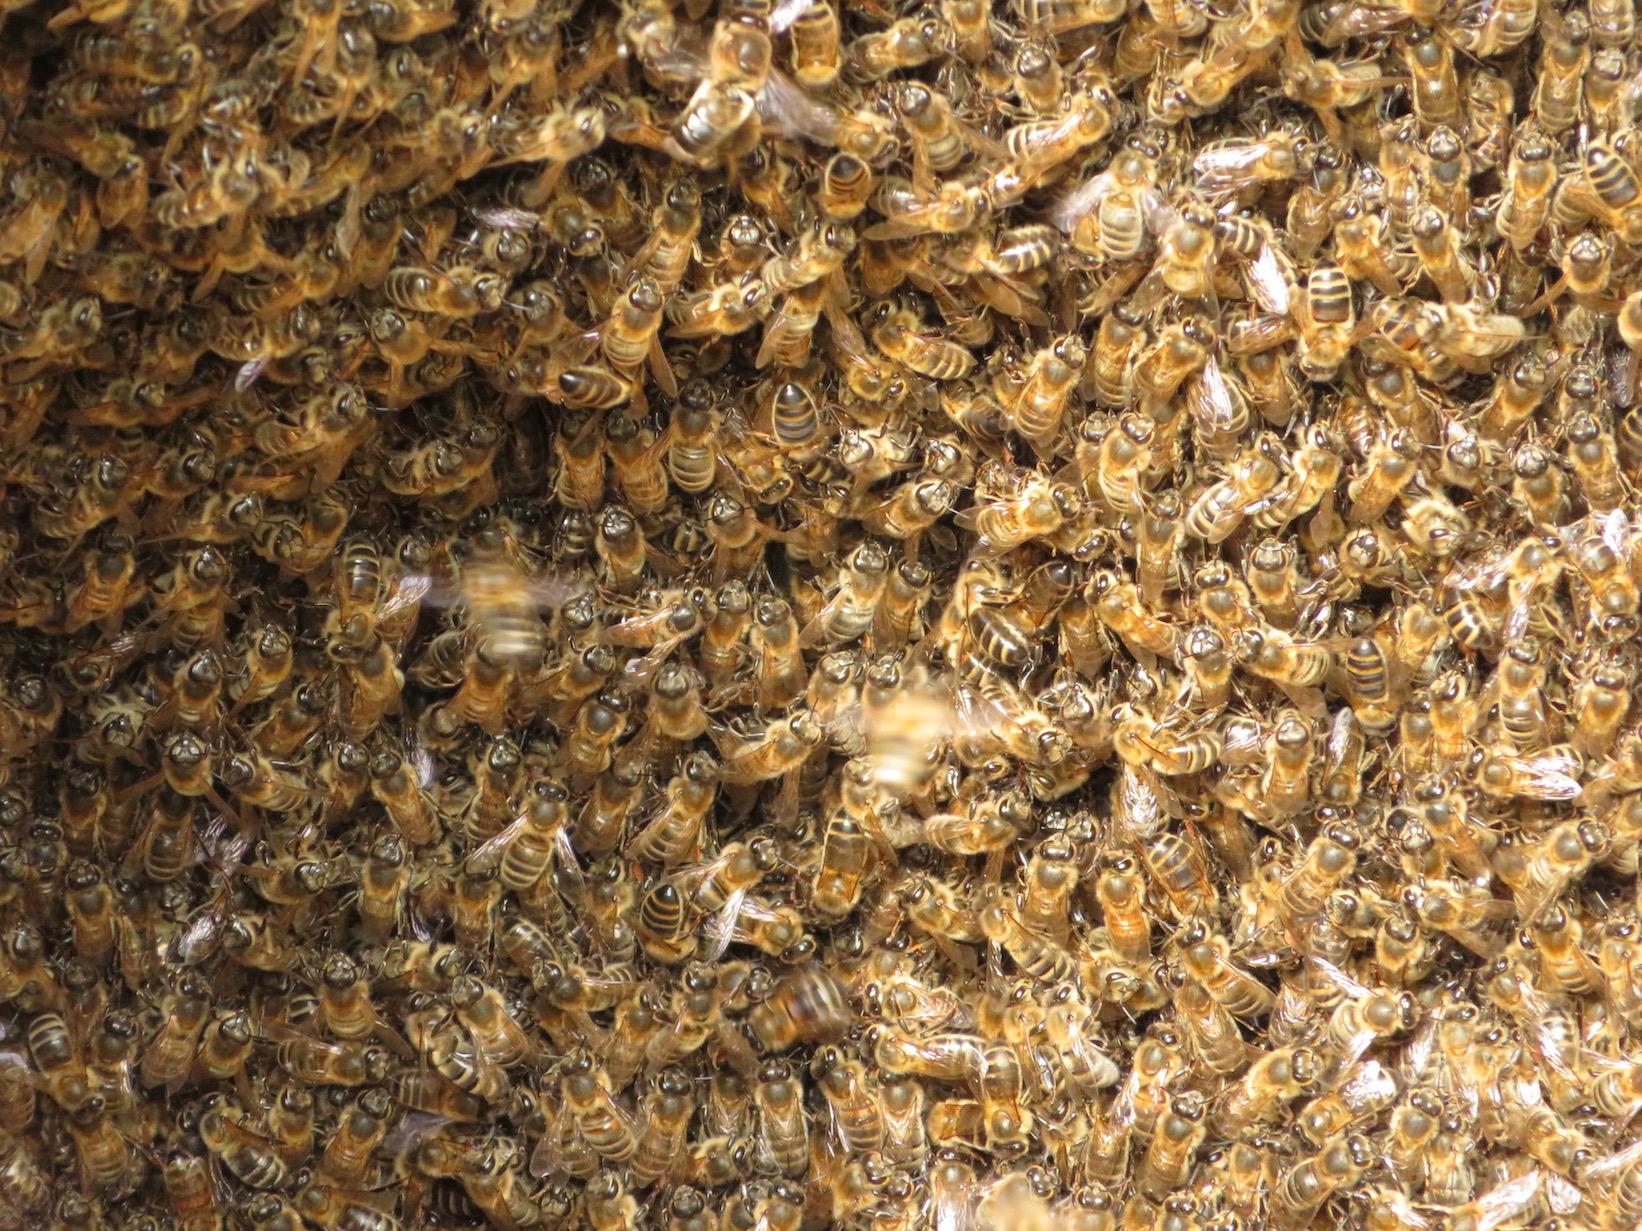 Bijen zorgen voor verbinding